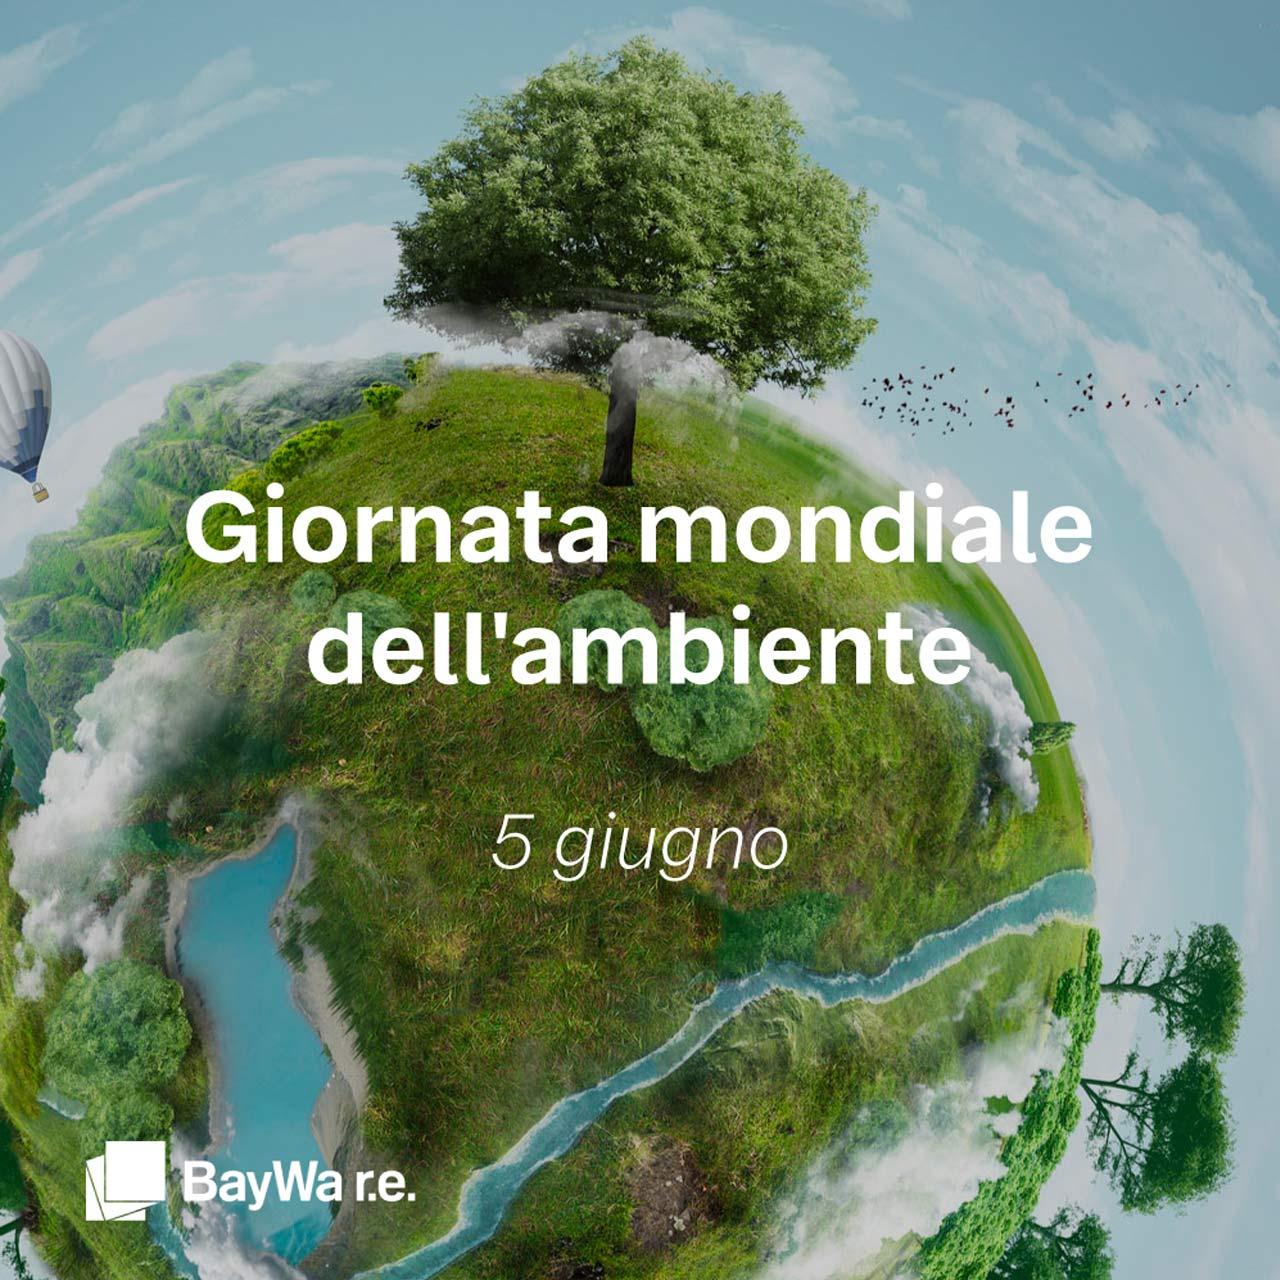 BayWa RE per la giornata mondiale dell'ambiente